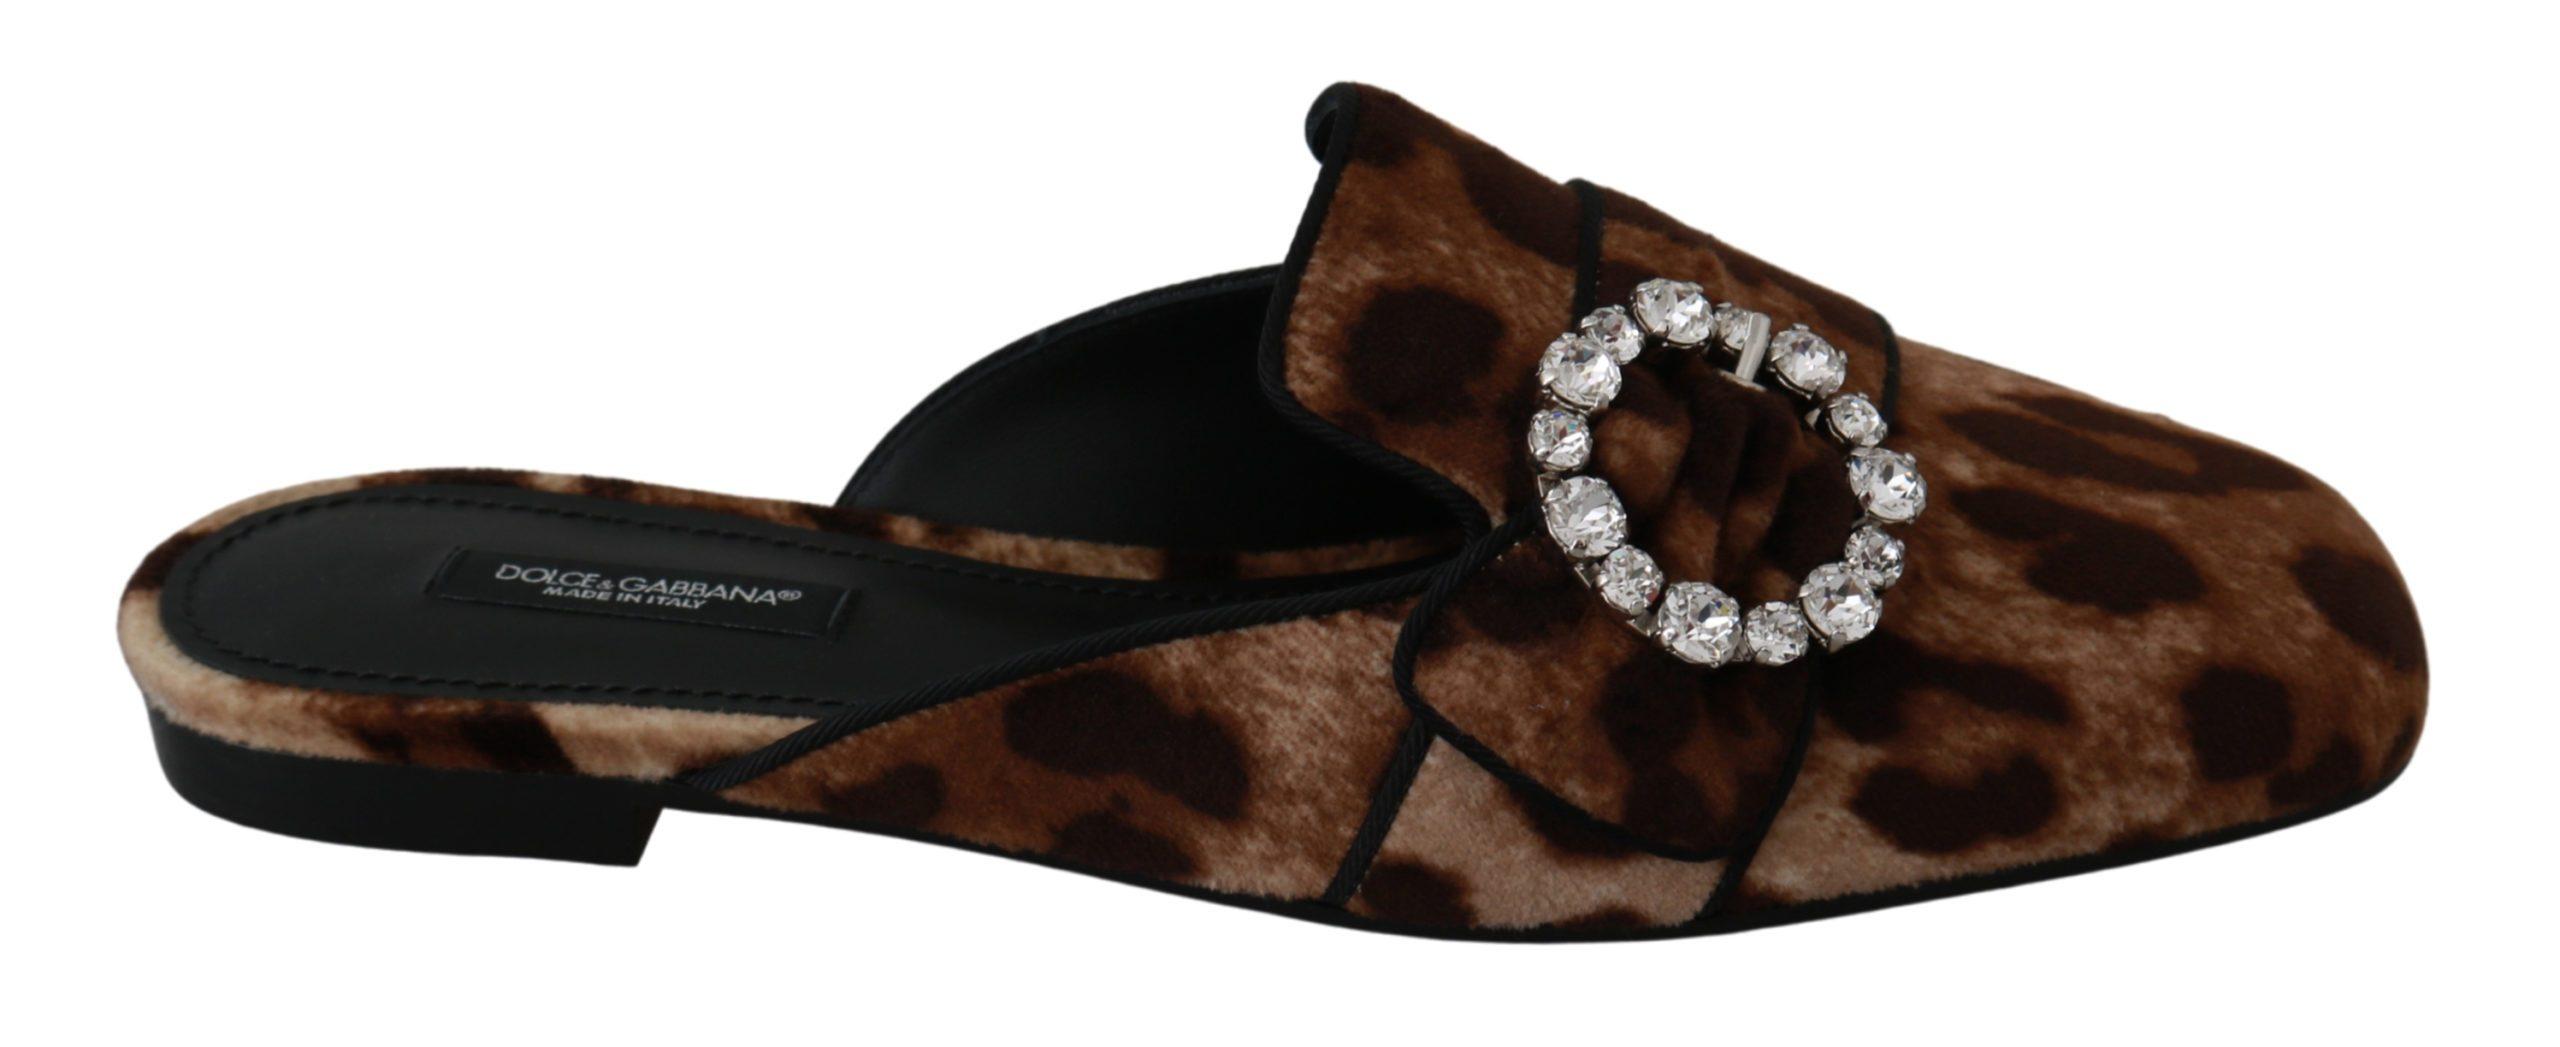 Dolce & Gabbana Women's Leopard Crystal Slide On Flat Brown LA6412 - EU37.5/US7